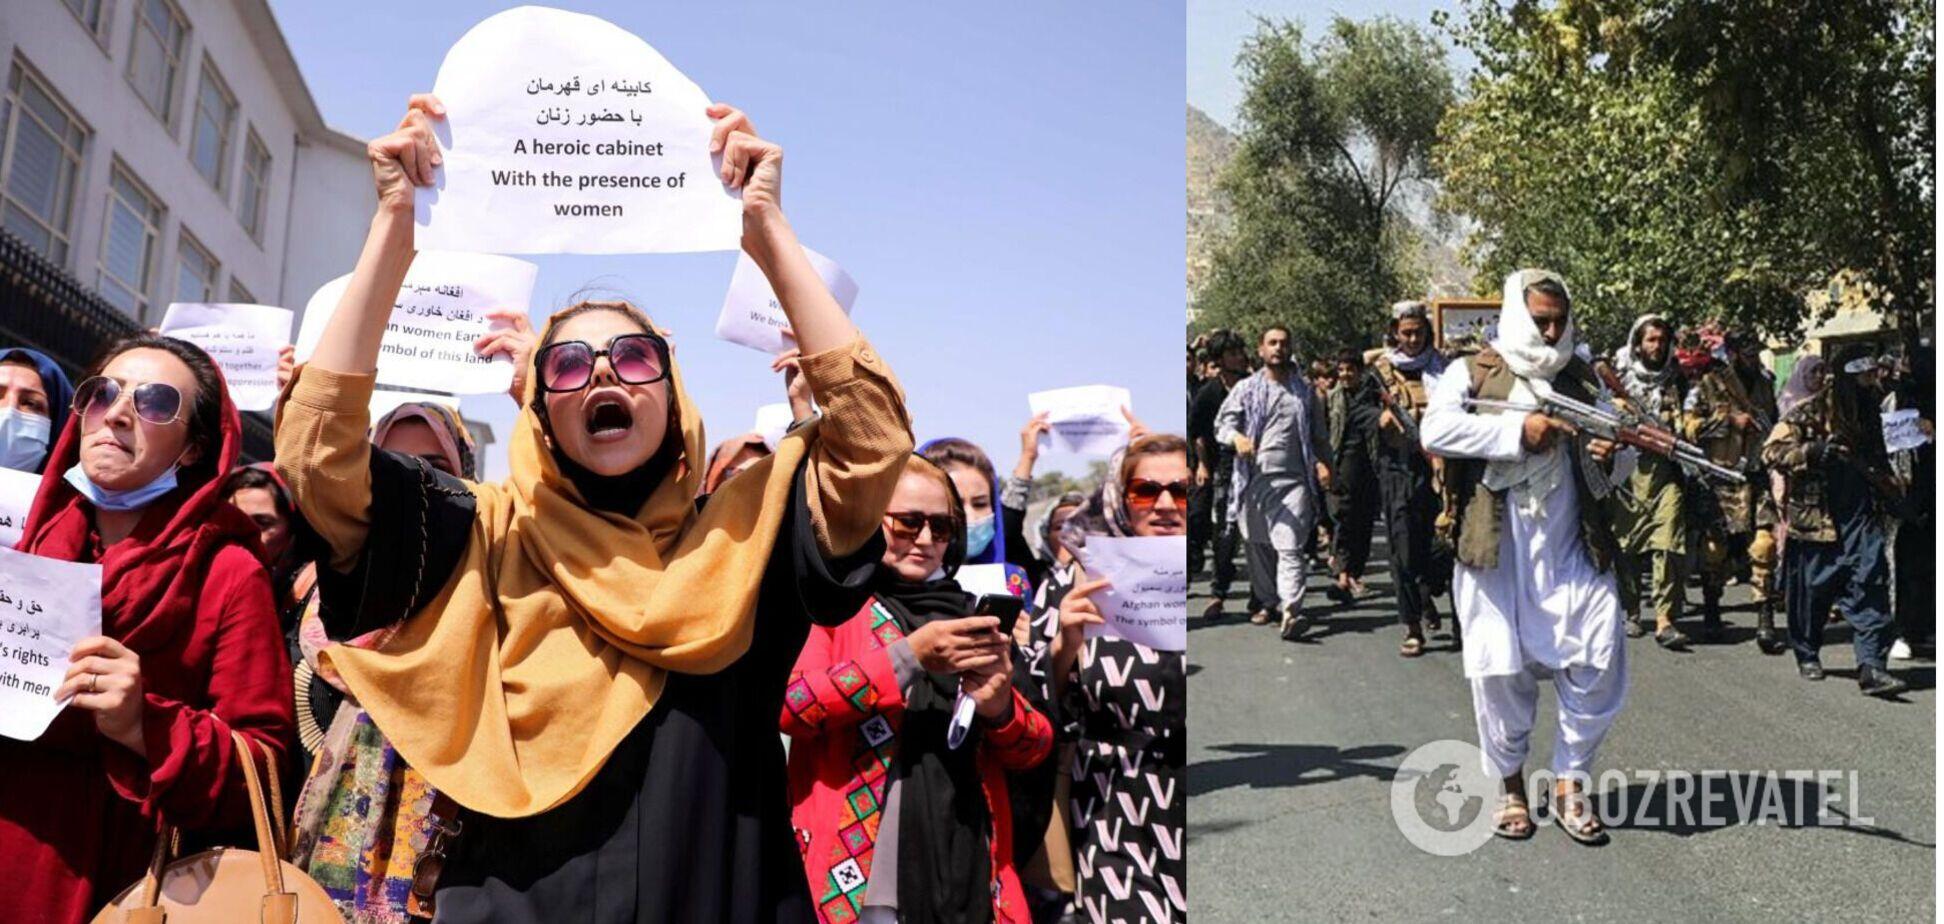 Митингующие требовали обеспечить участие женщин в управлении страной